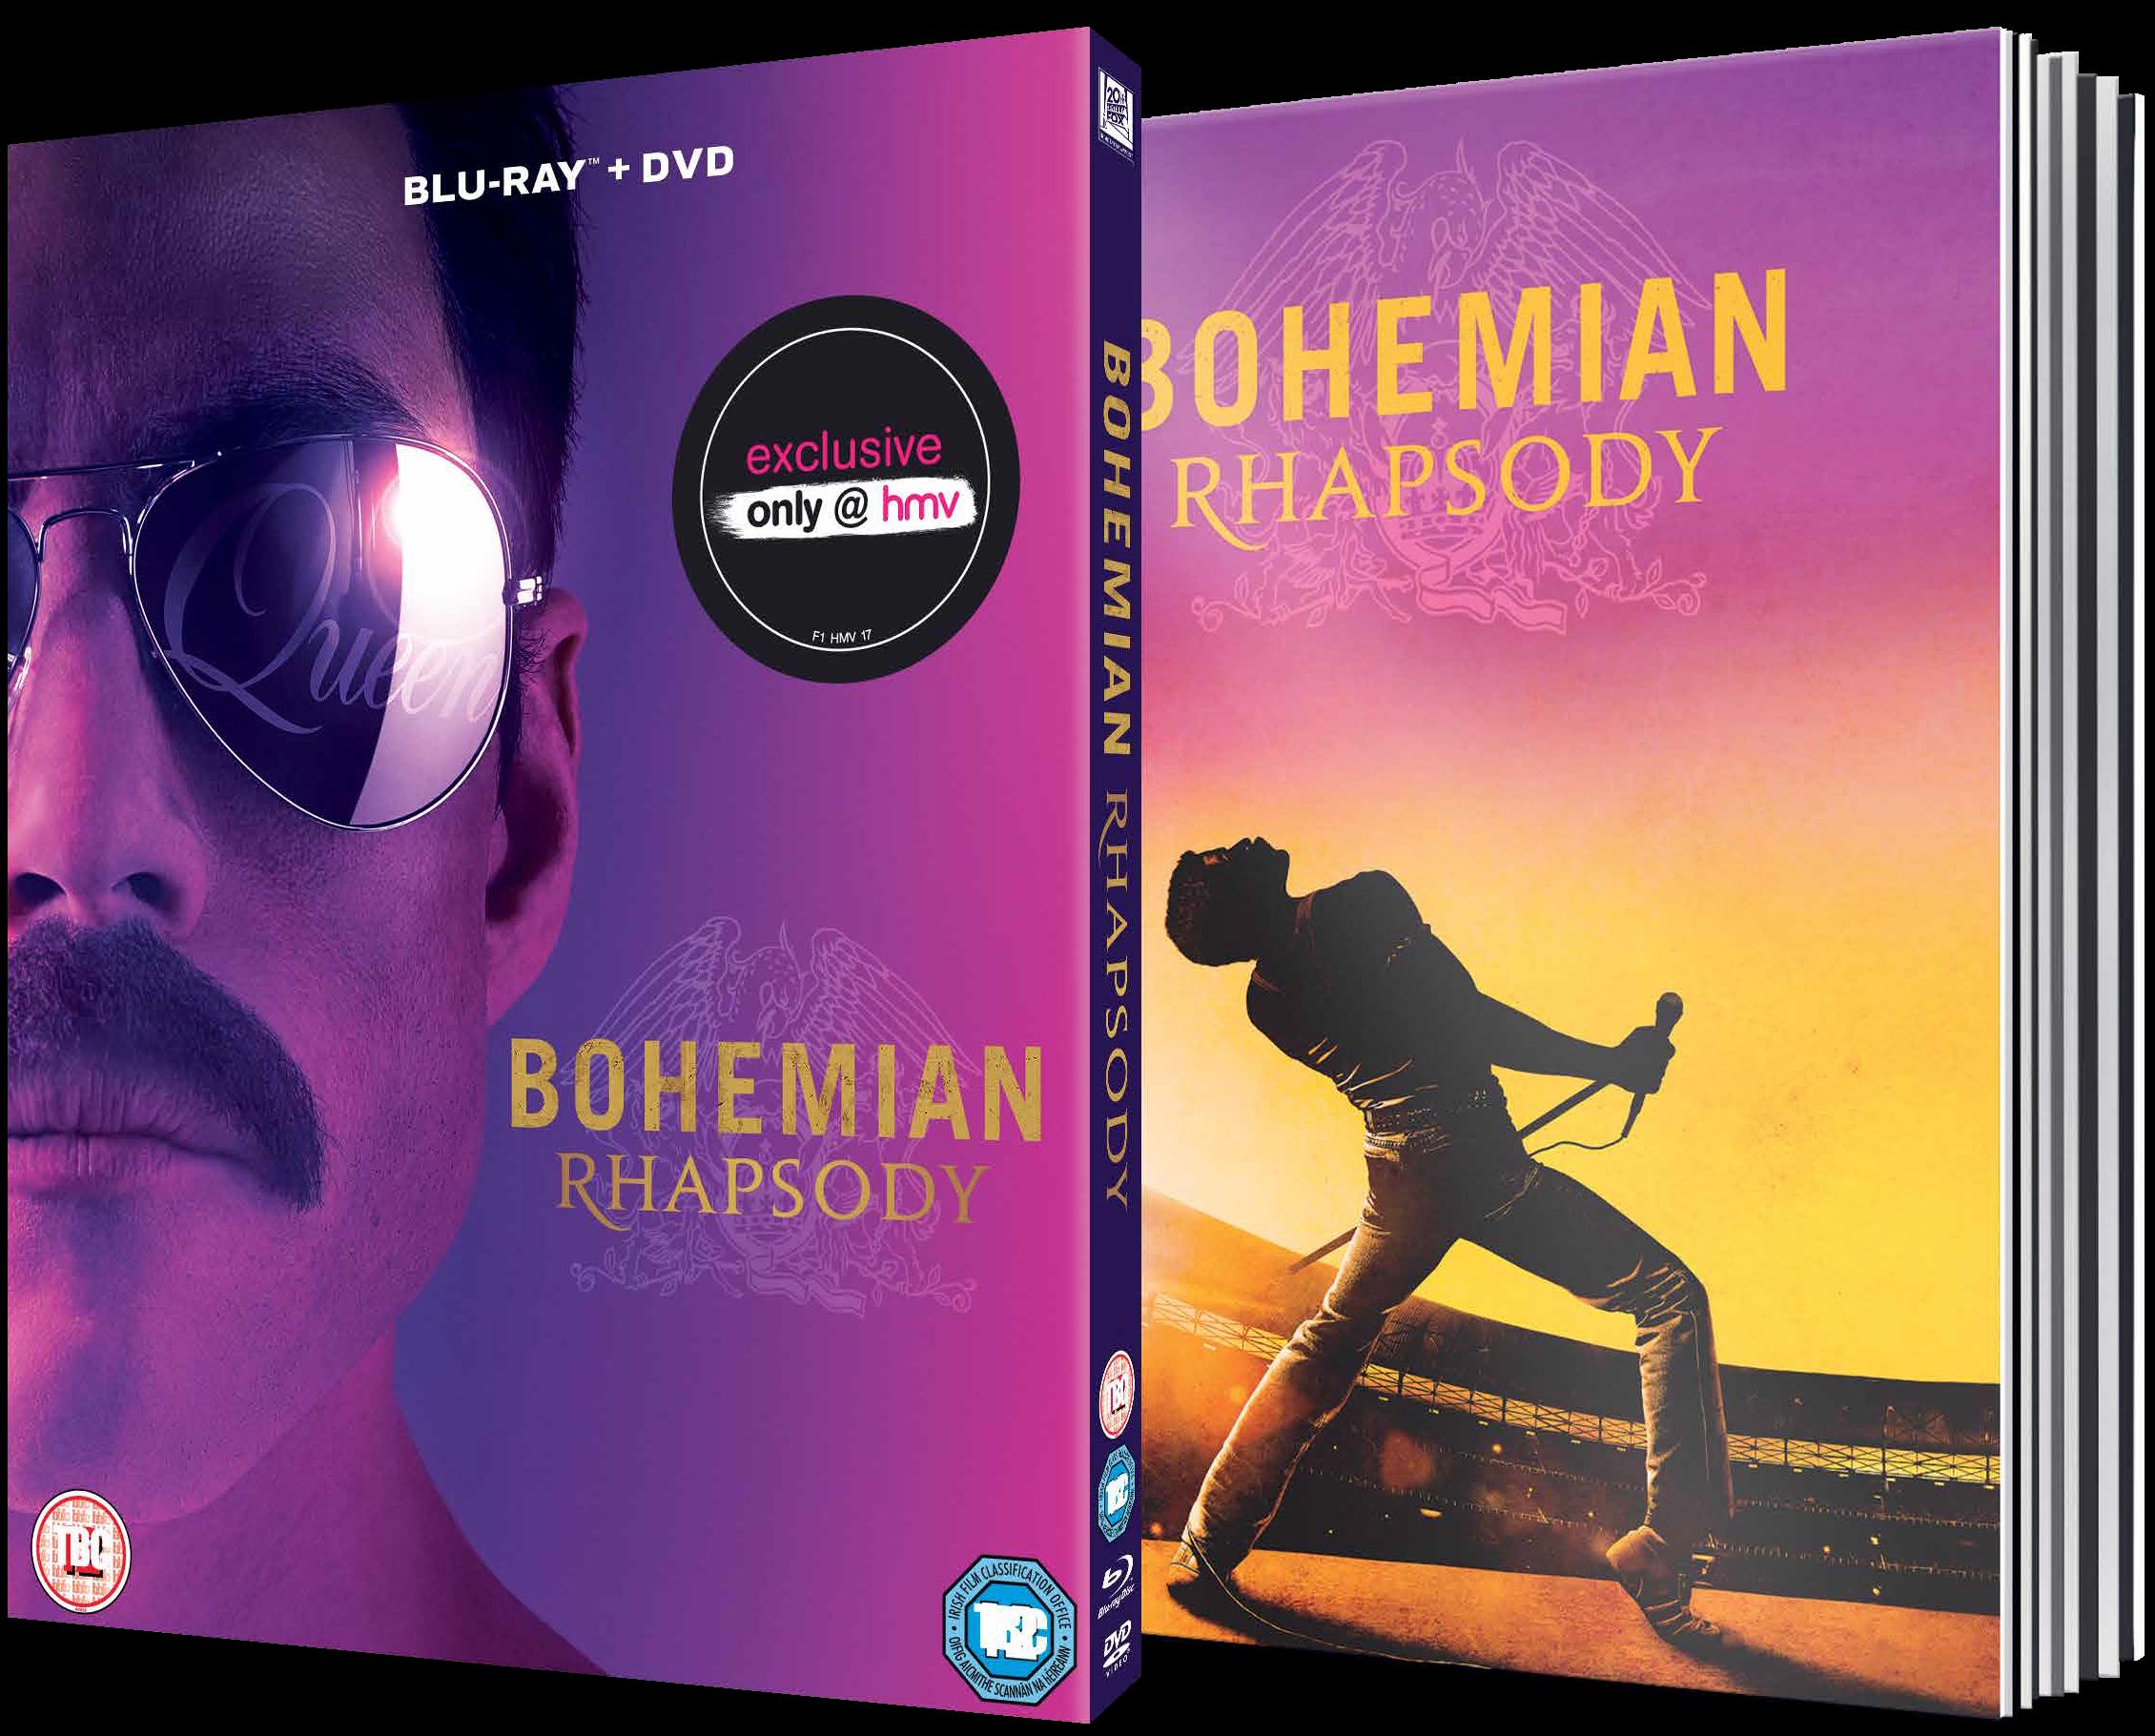 Freddie Mercury Biopic Bohemian Rhapsody Is Getting A Digibook Blu